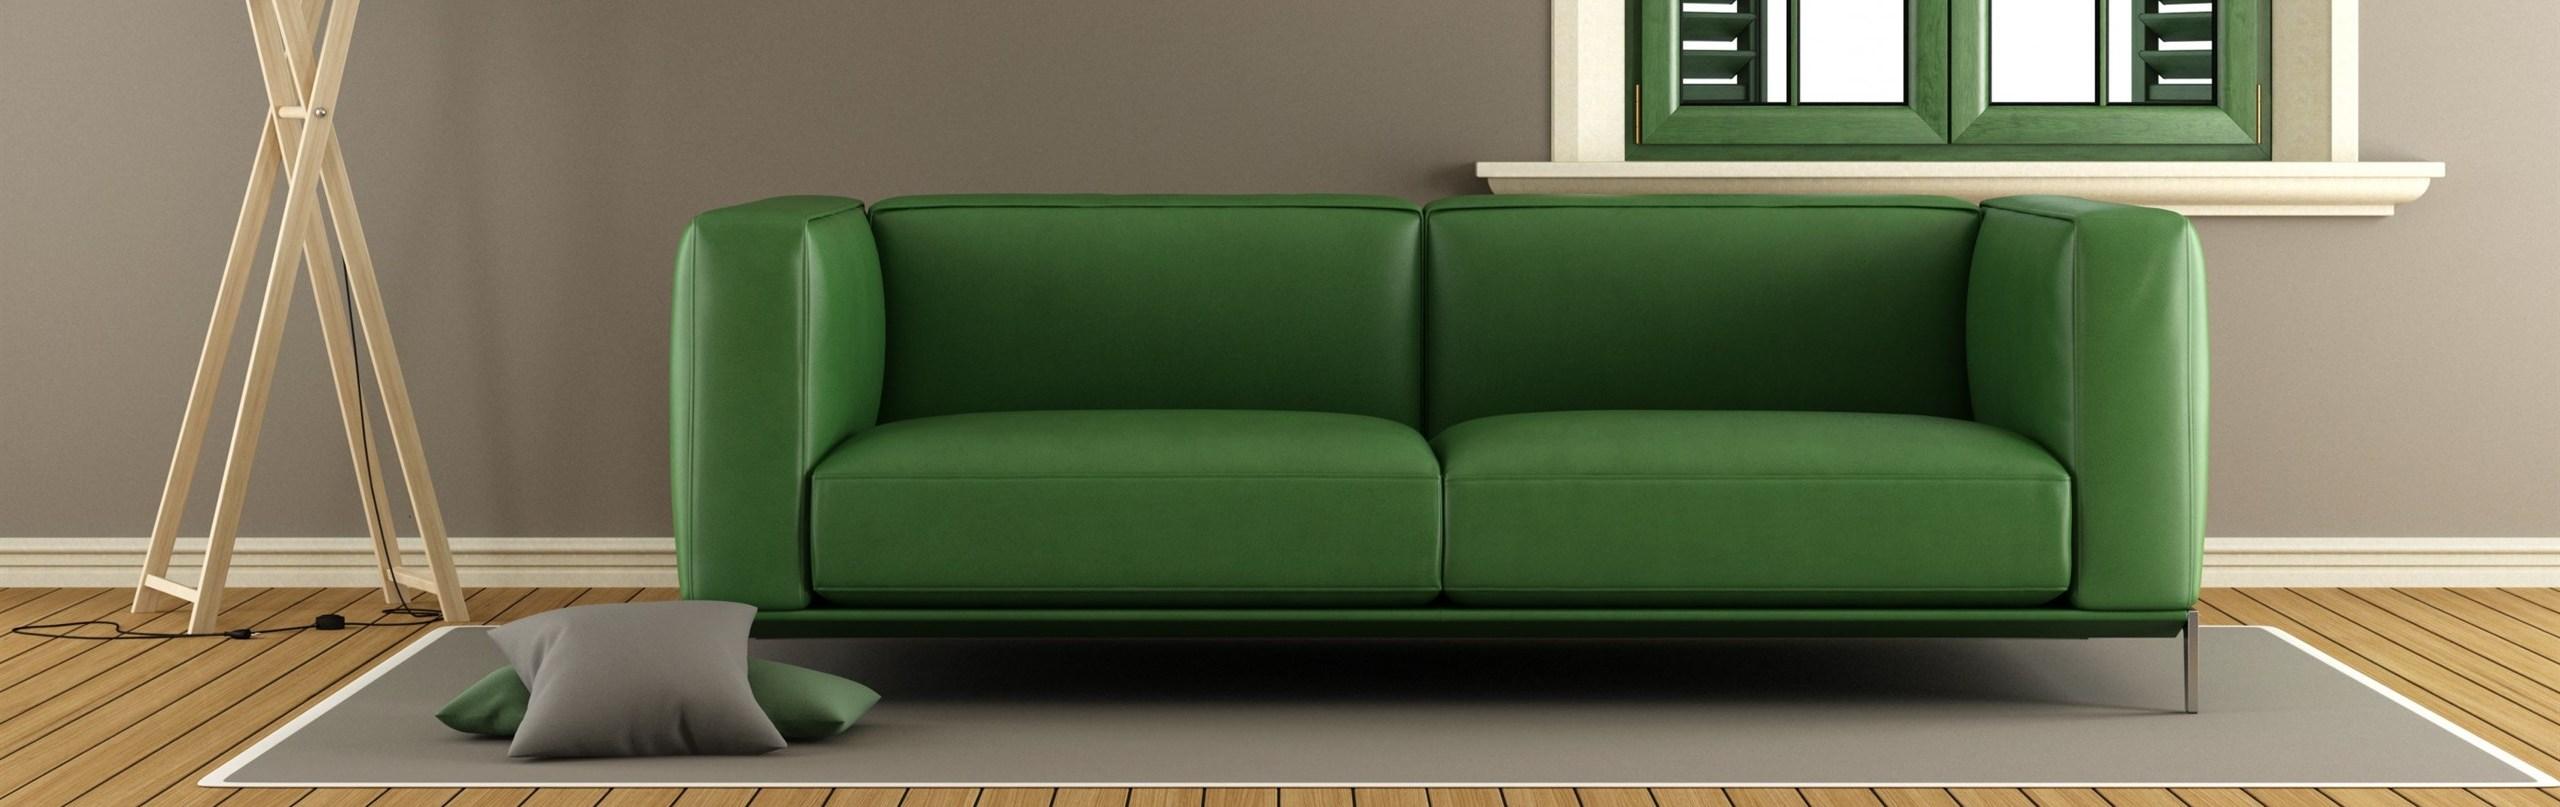 4.leather sofa 6